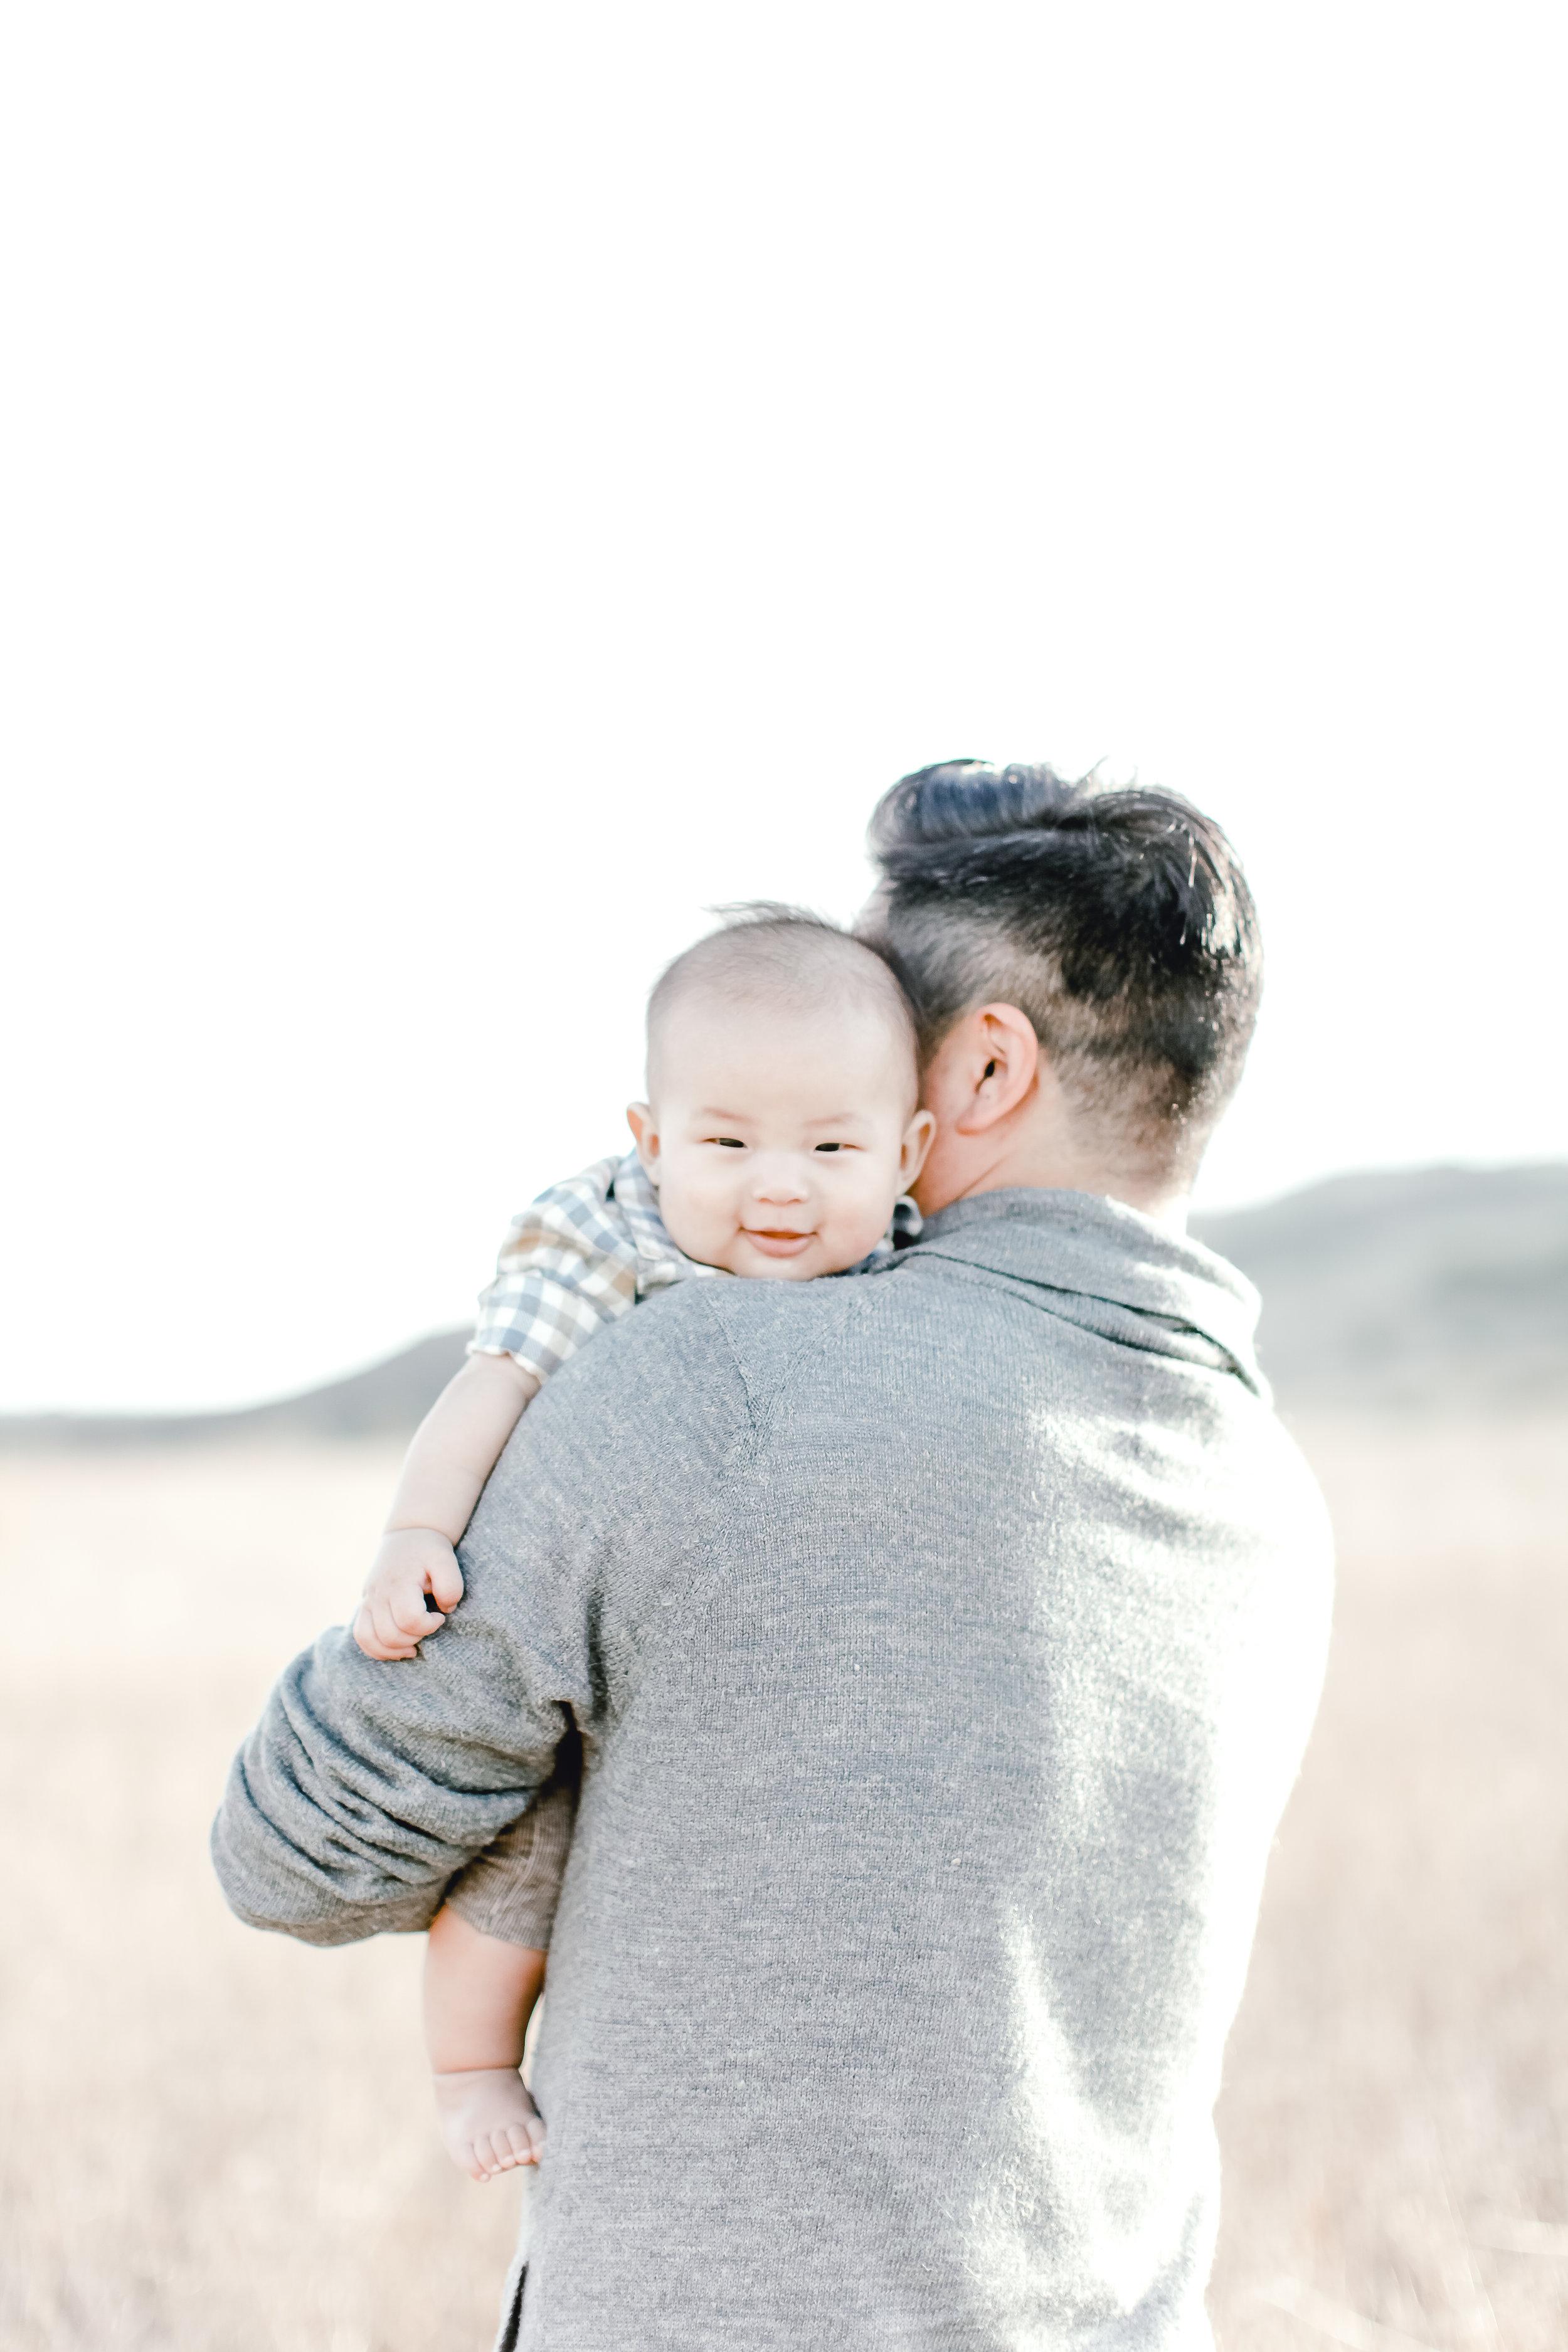 Cori-Kleckner-Photography-  Lee Family Session1-105.JPG